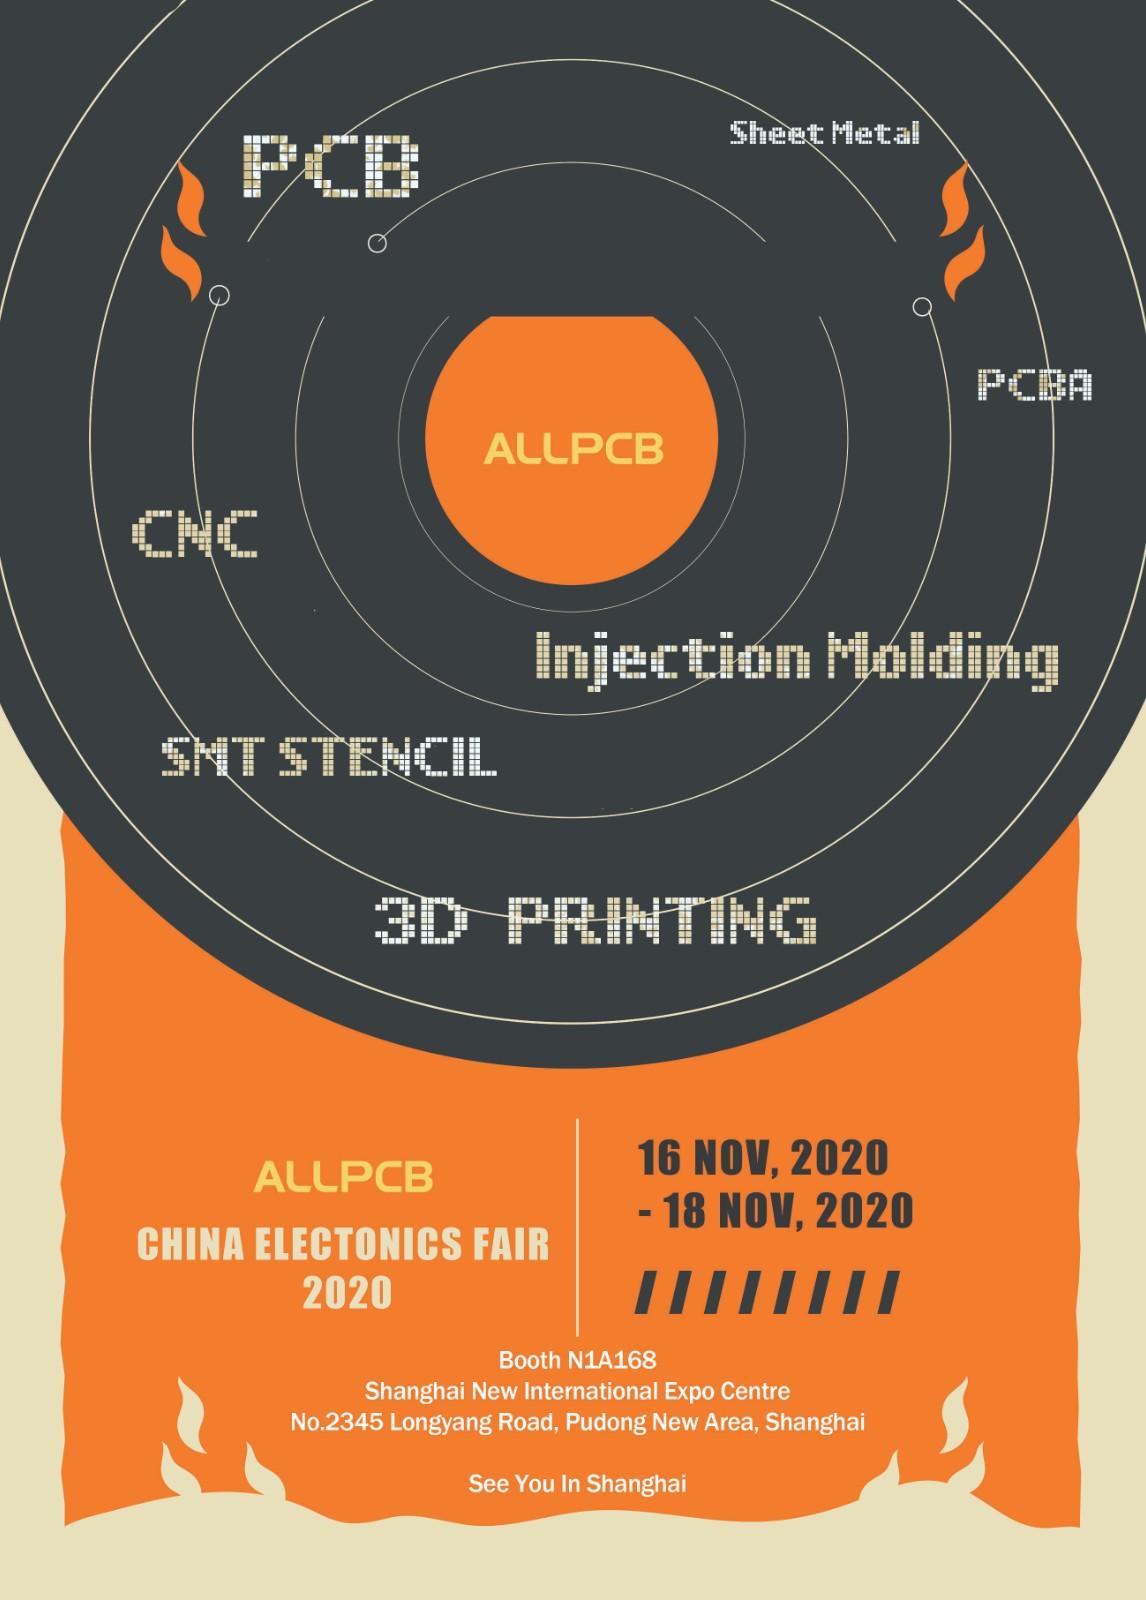 allpcb_CEF_2020_poster.jpg